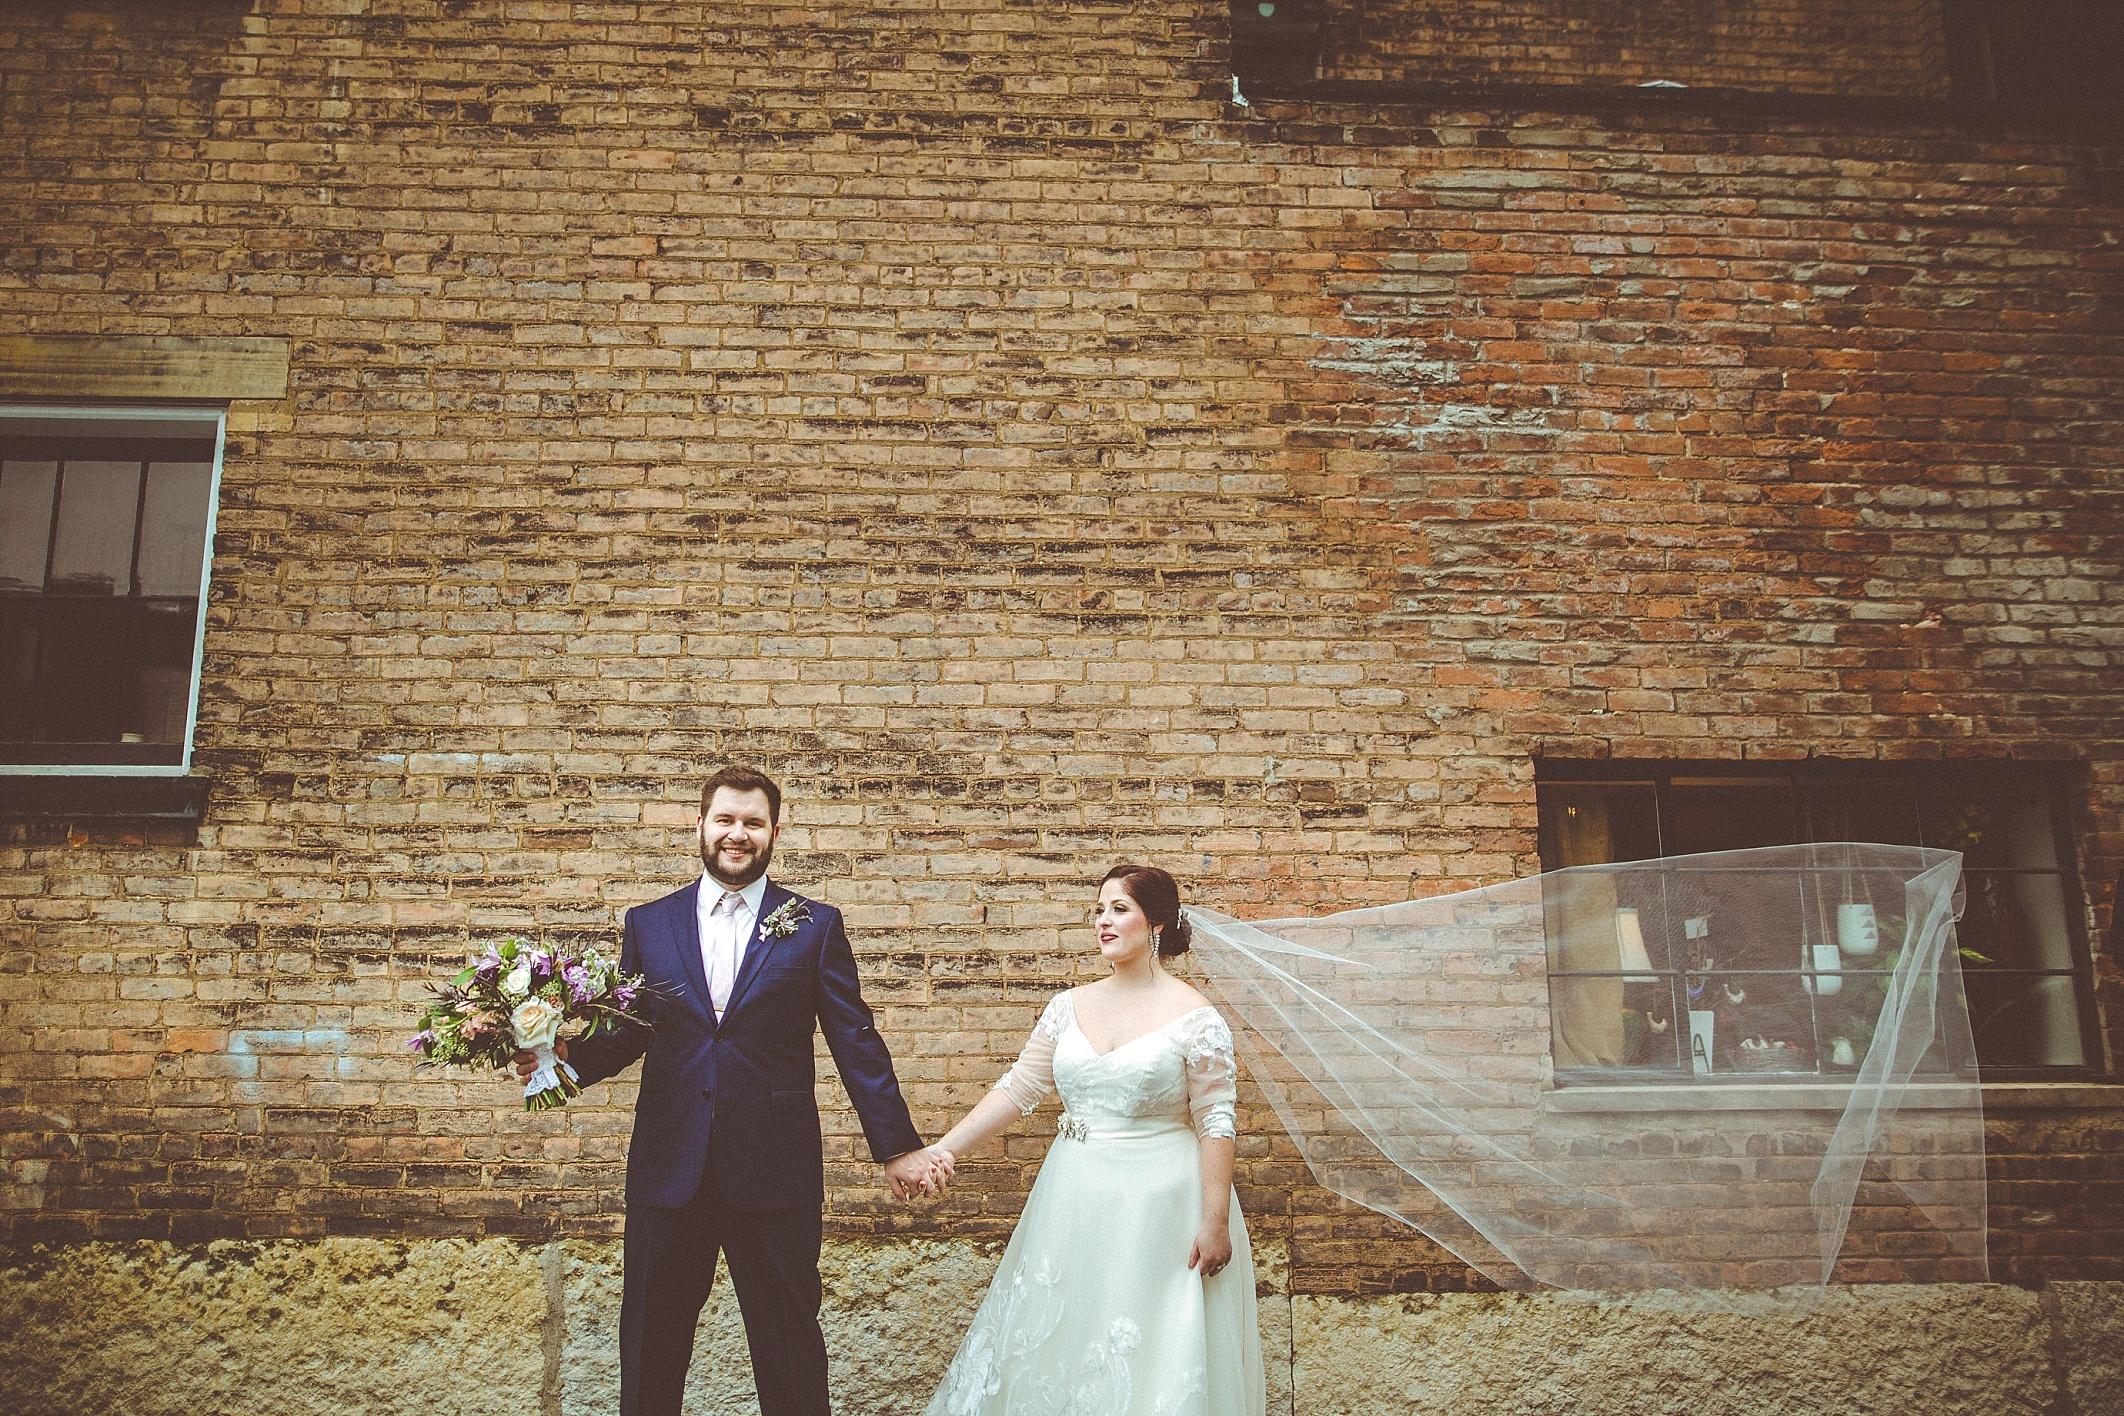 hilary-aaron-cincinnati-trancept-wedding-photographer-dayton-ohio_0021.jpg